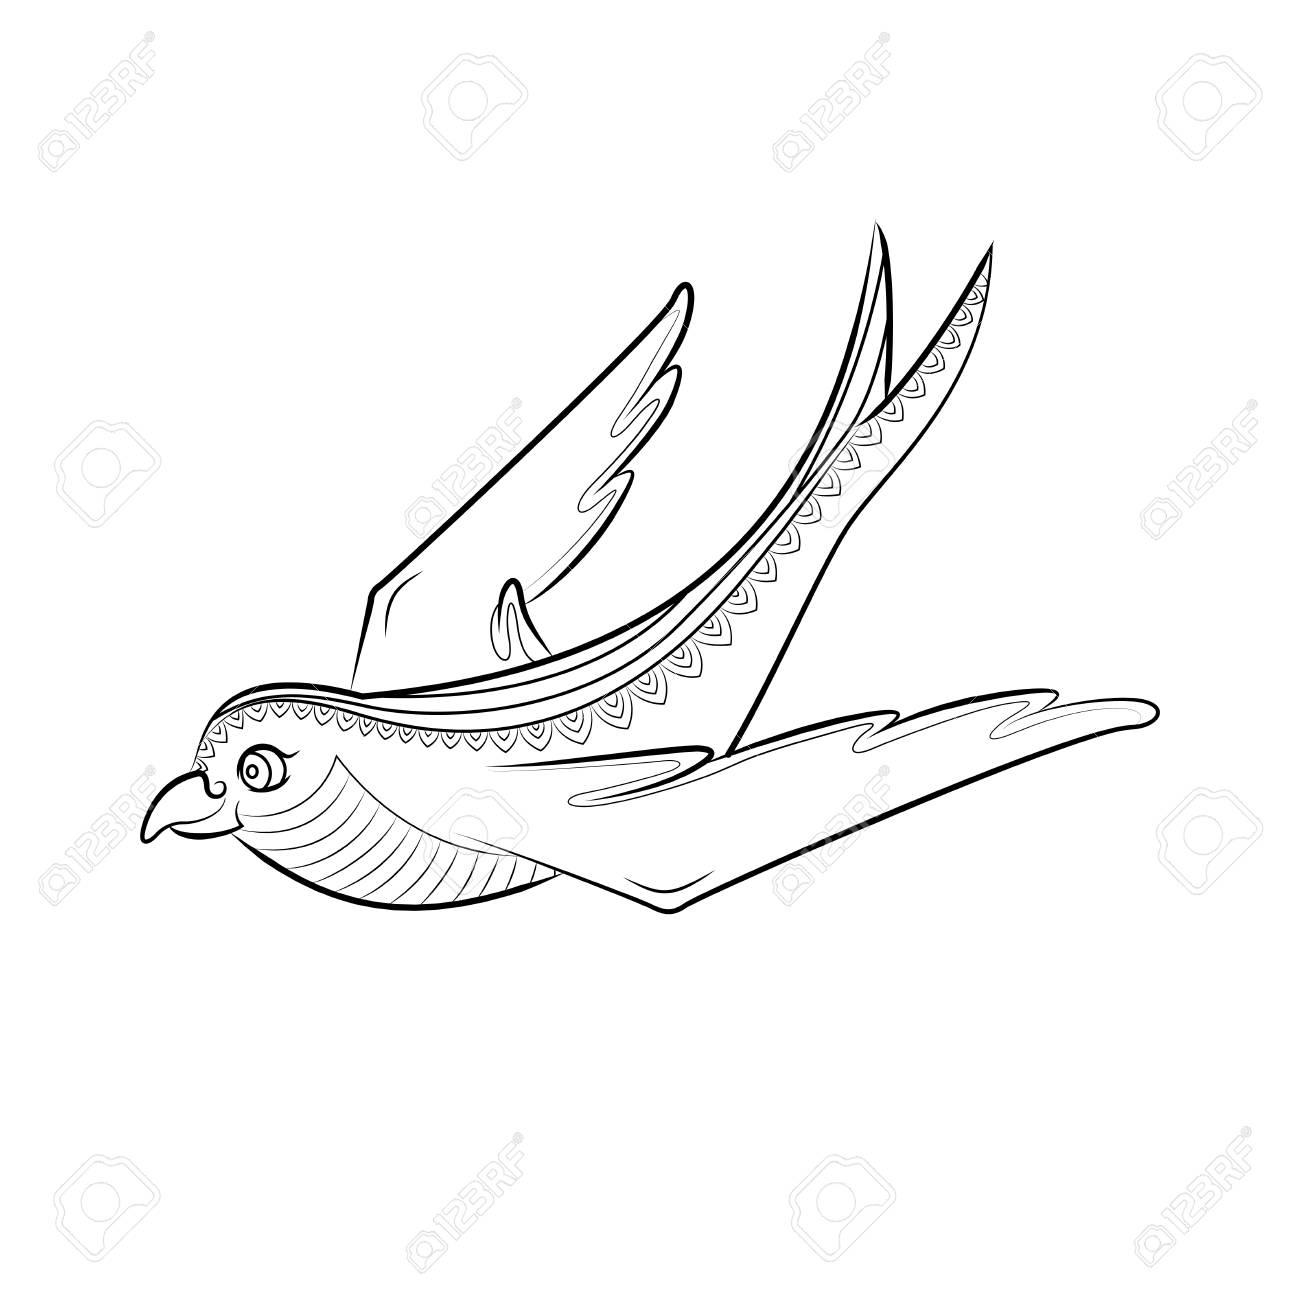 Zen Tangle Schwalbe Vektor Illustration. Zentangle Vogel schwarz und weiß.  Malbuch für Erwachsene.